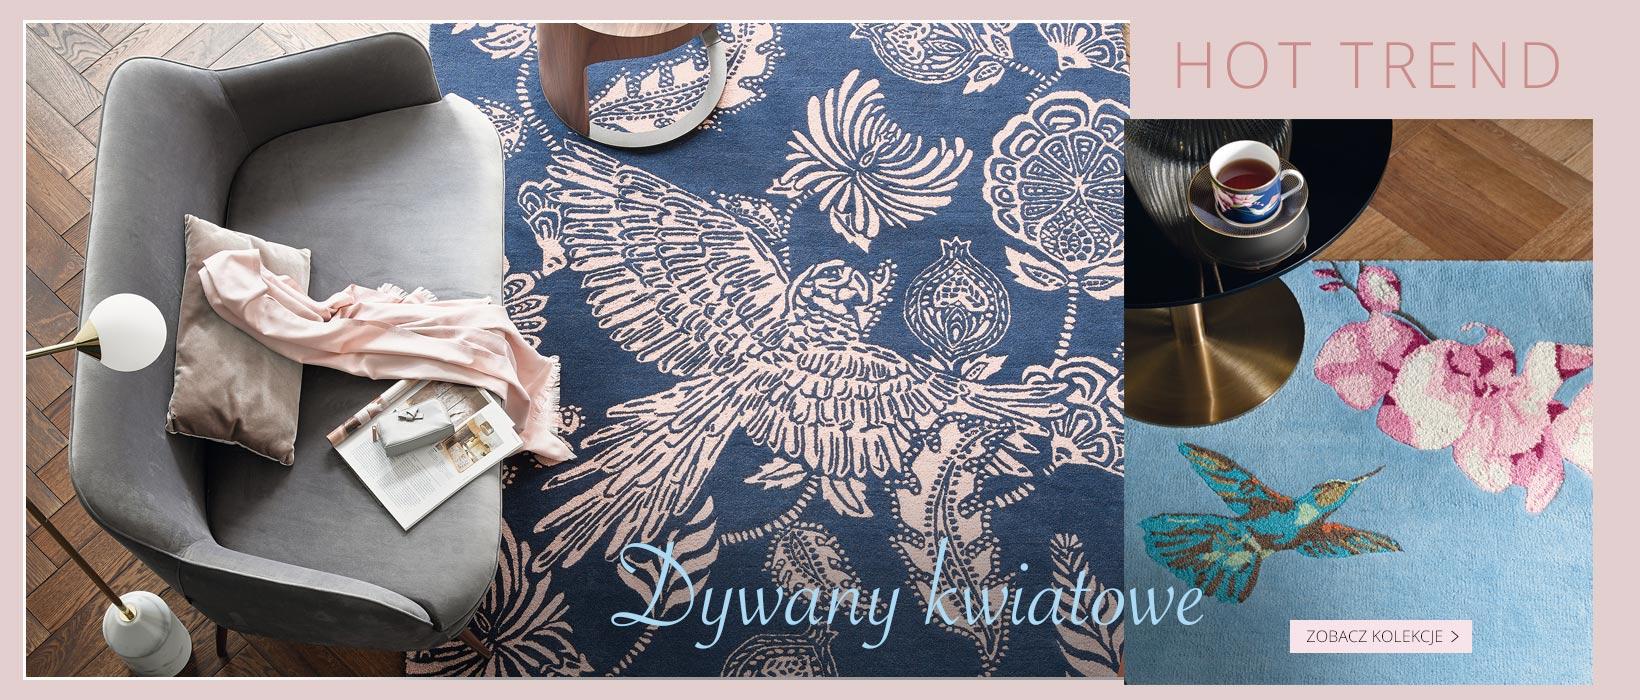 Slajd dywany kwiatowe EN